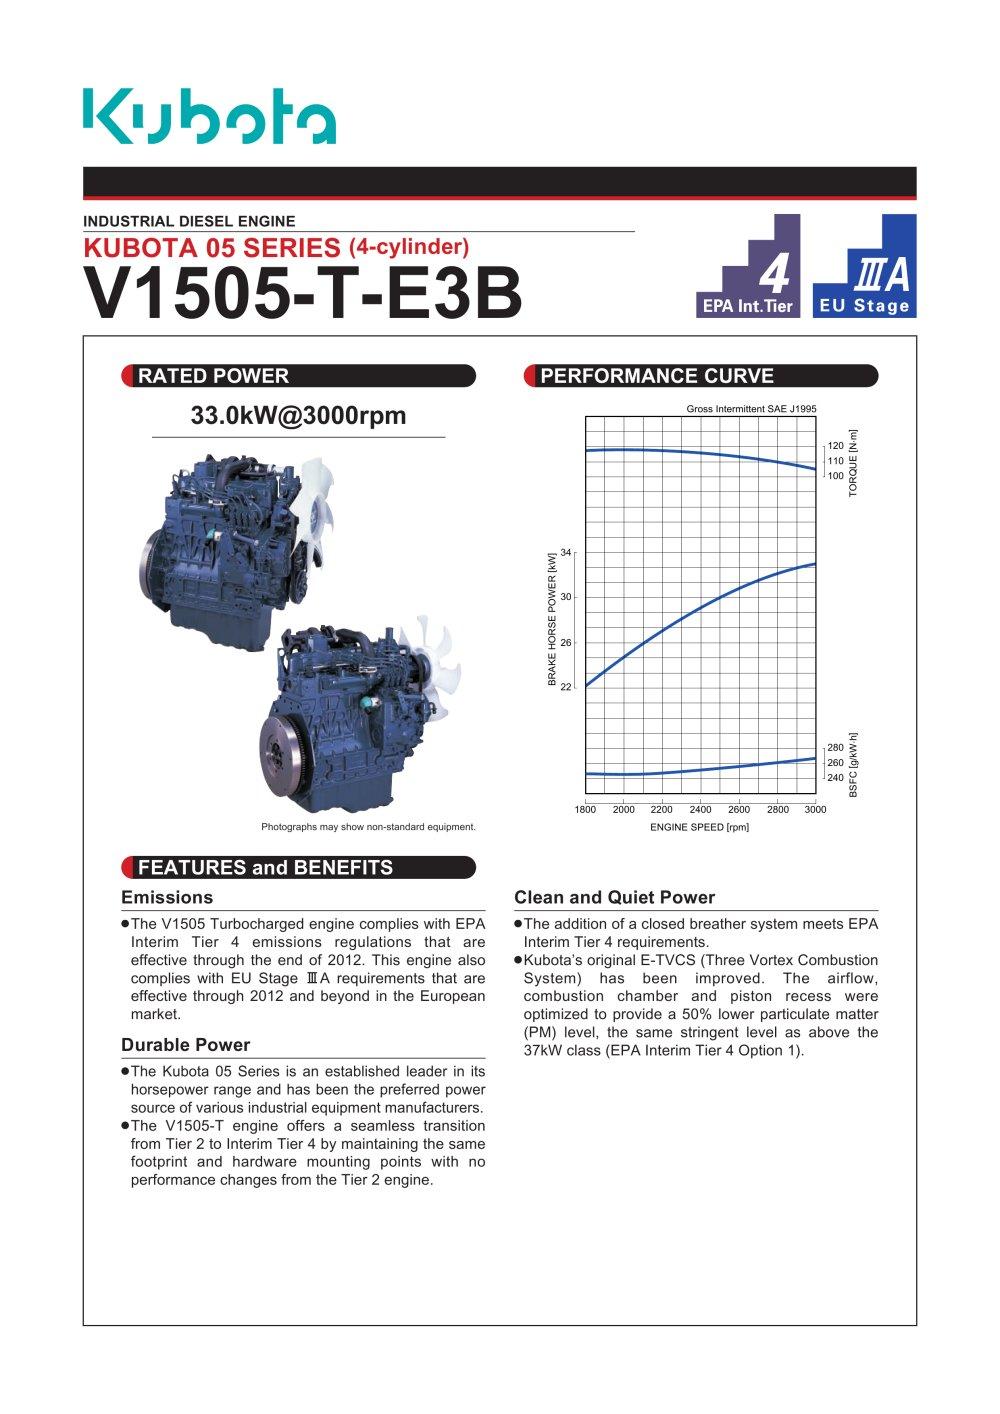 V1505-T-E3B - 1 / 2 Pages